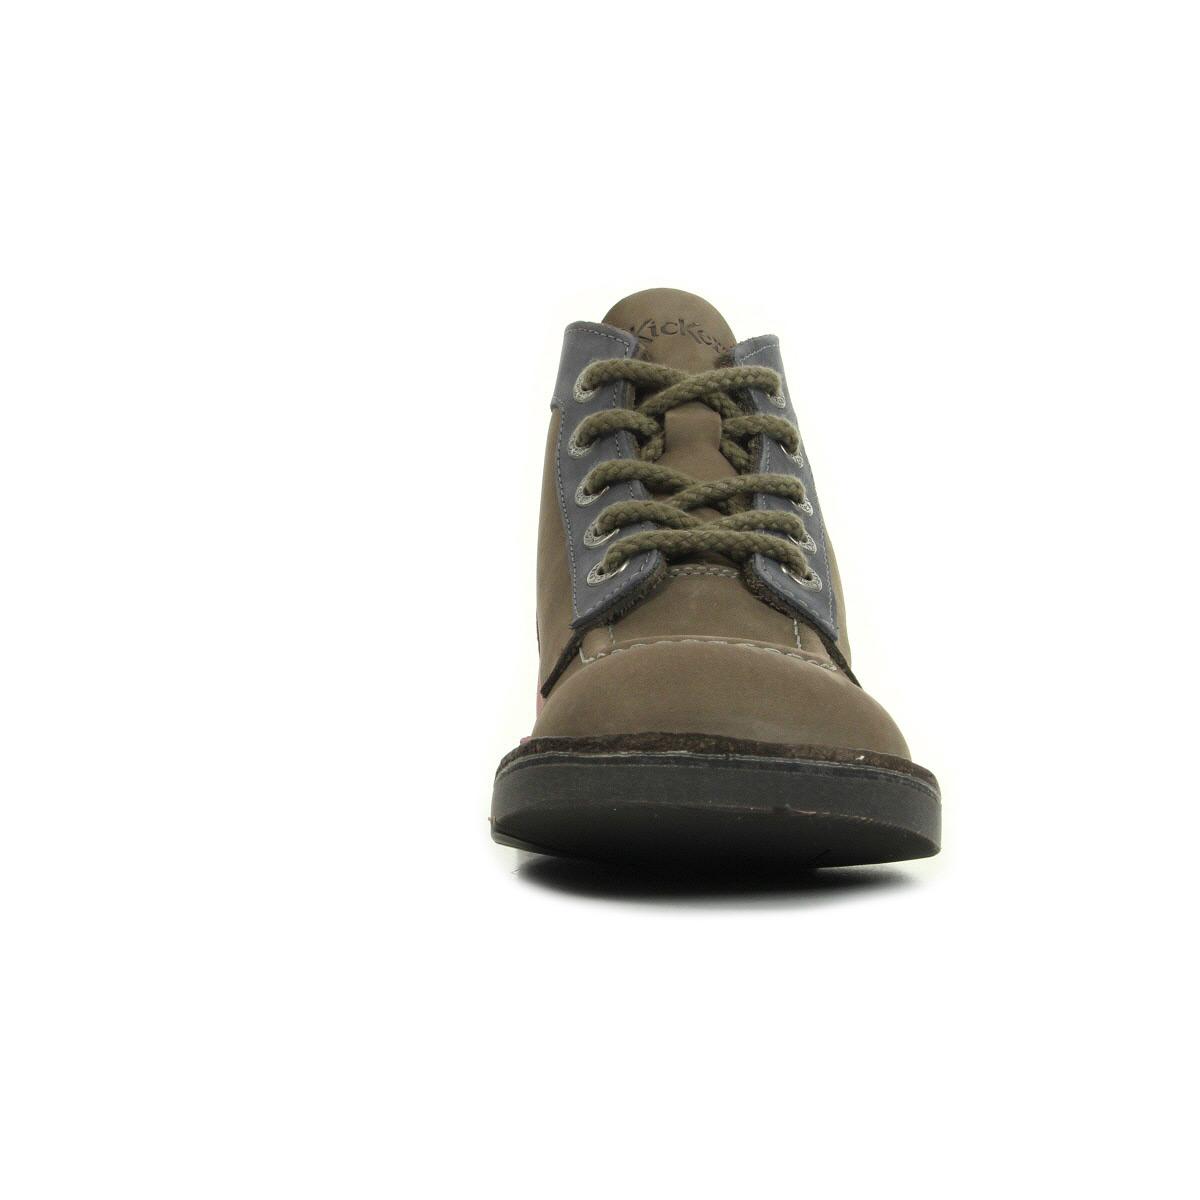 Kickers Kick Col Gris Bleu 39343830123, Bottines femme